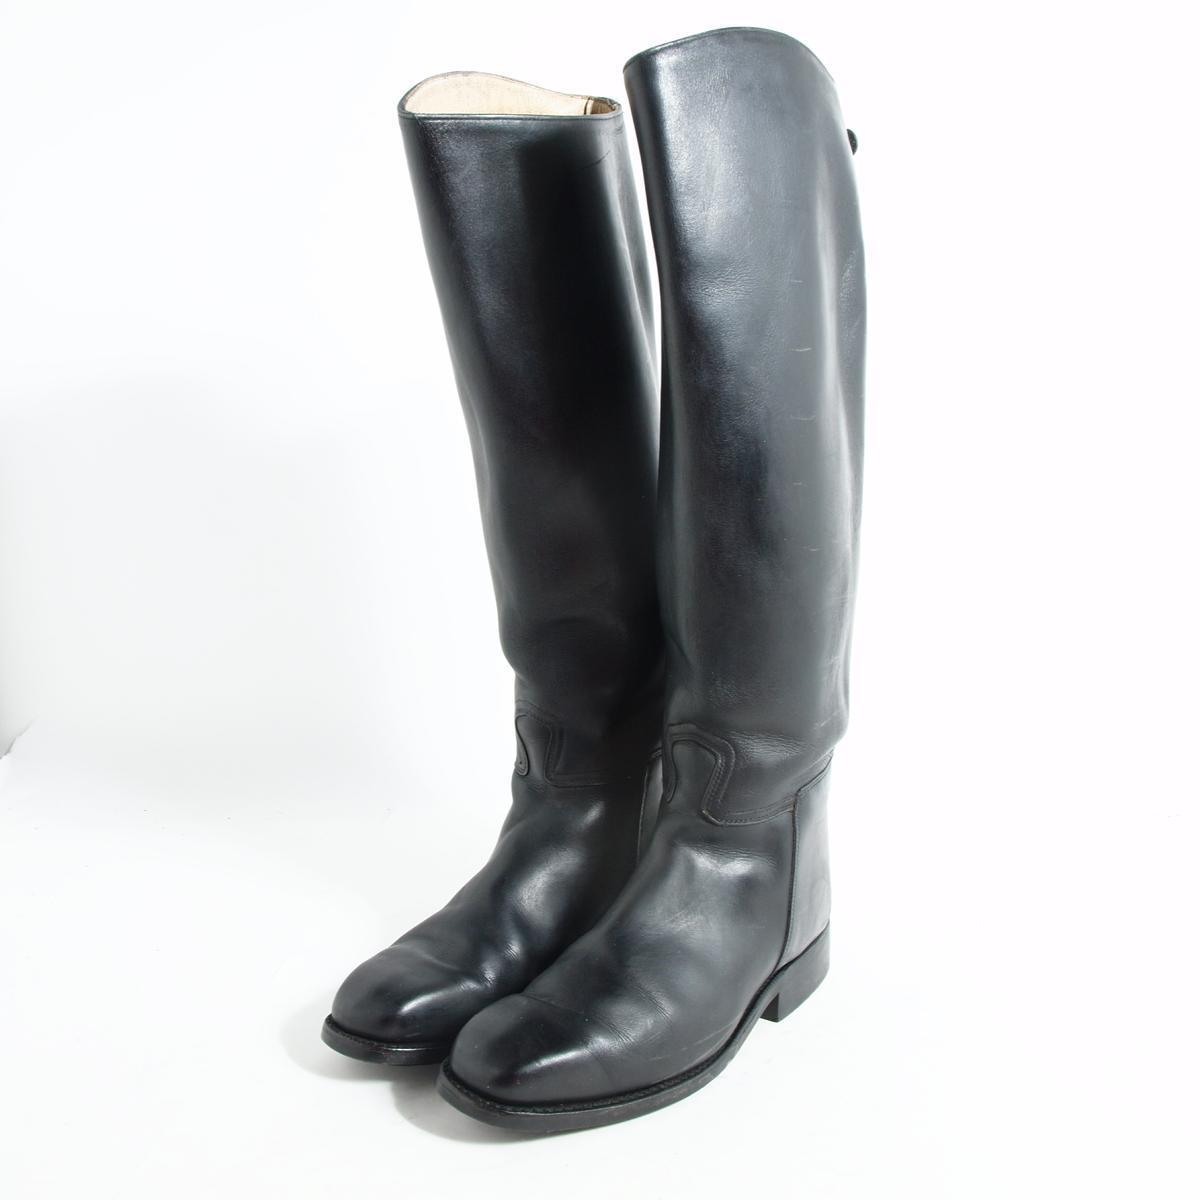 カバロ ジョッキー乗馬ブーツ 5 レディース23.0cm Cavallo /boj9977 【中古】【古着屋JAM】 【161026】【SS1903】